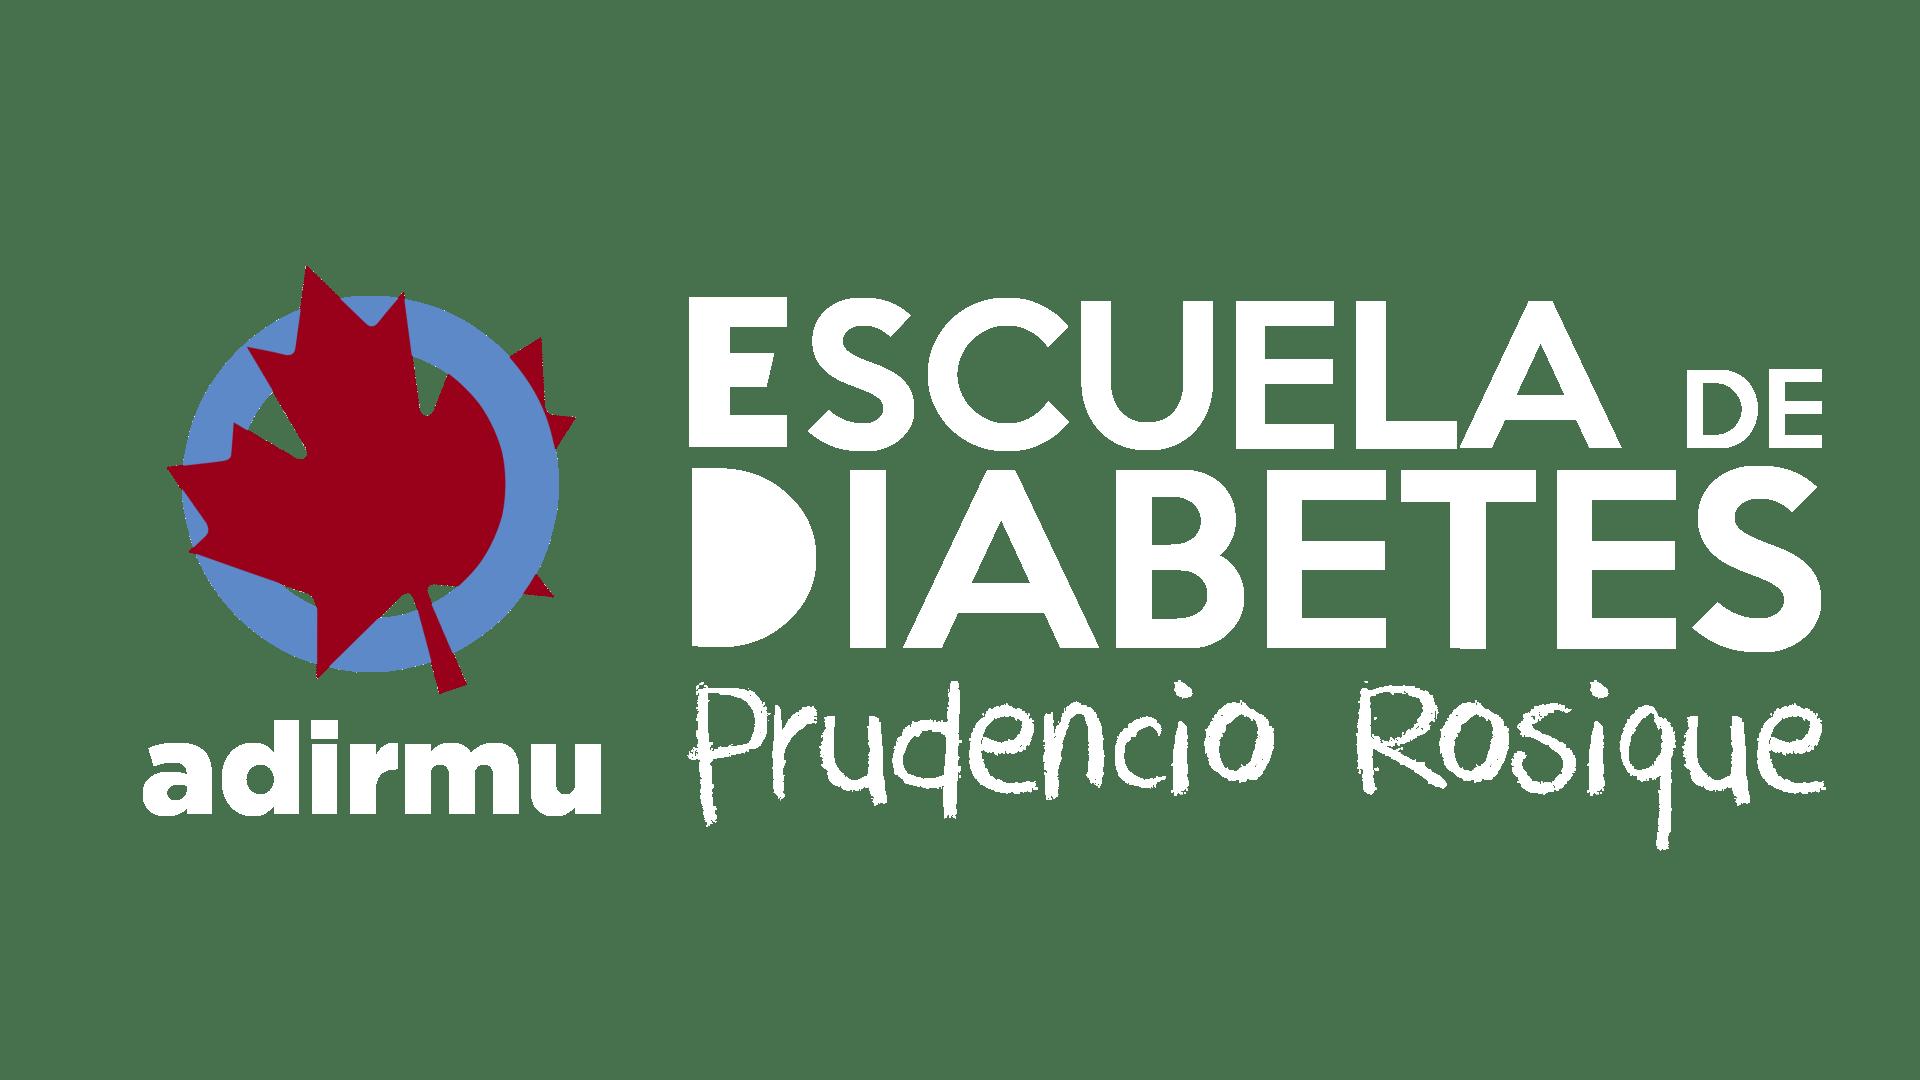 Escuela de Diabetes Prudencio Rosique